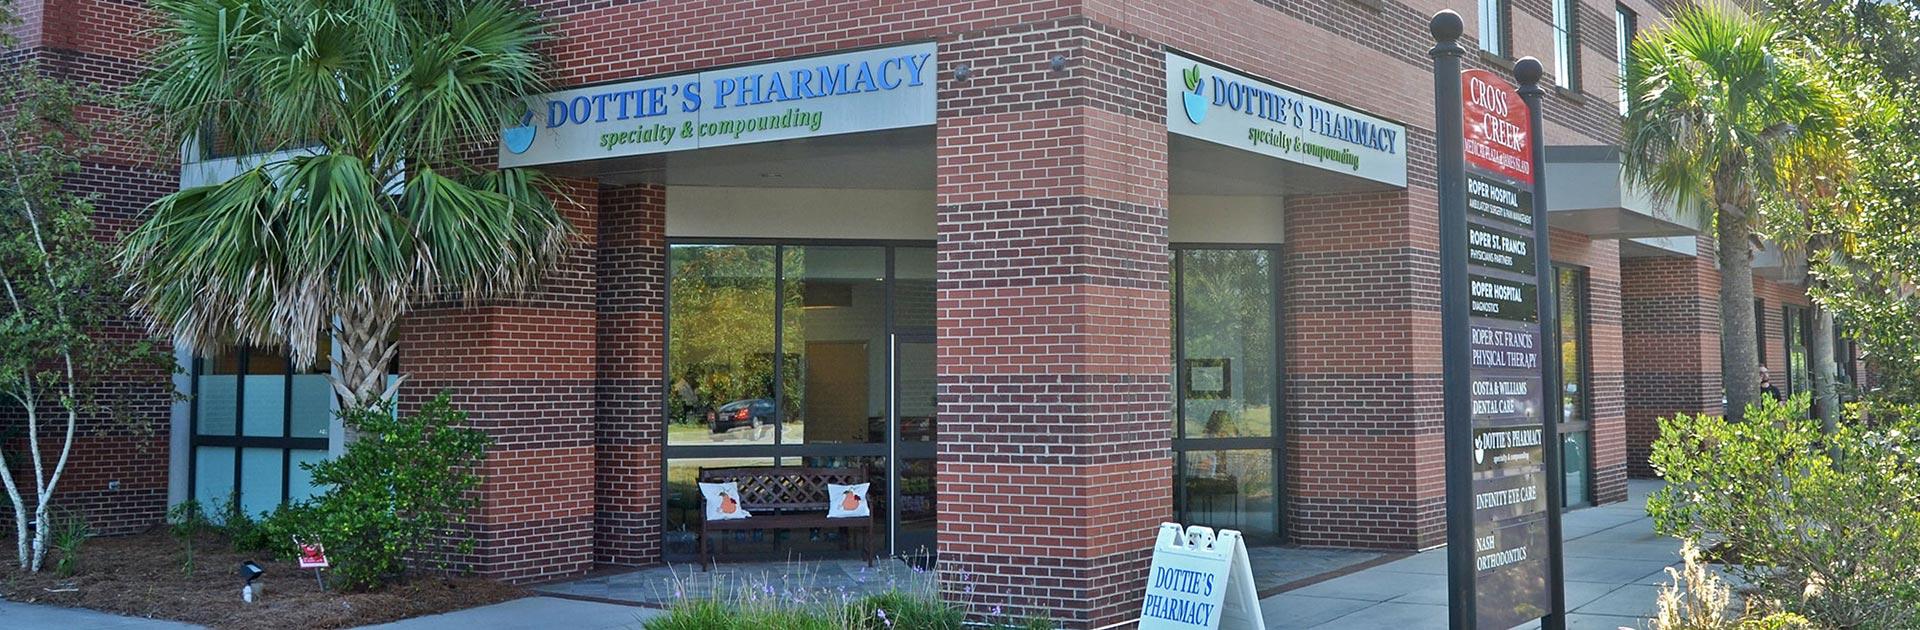 Photo of Dottie's Pharmacy